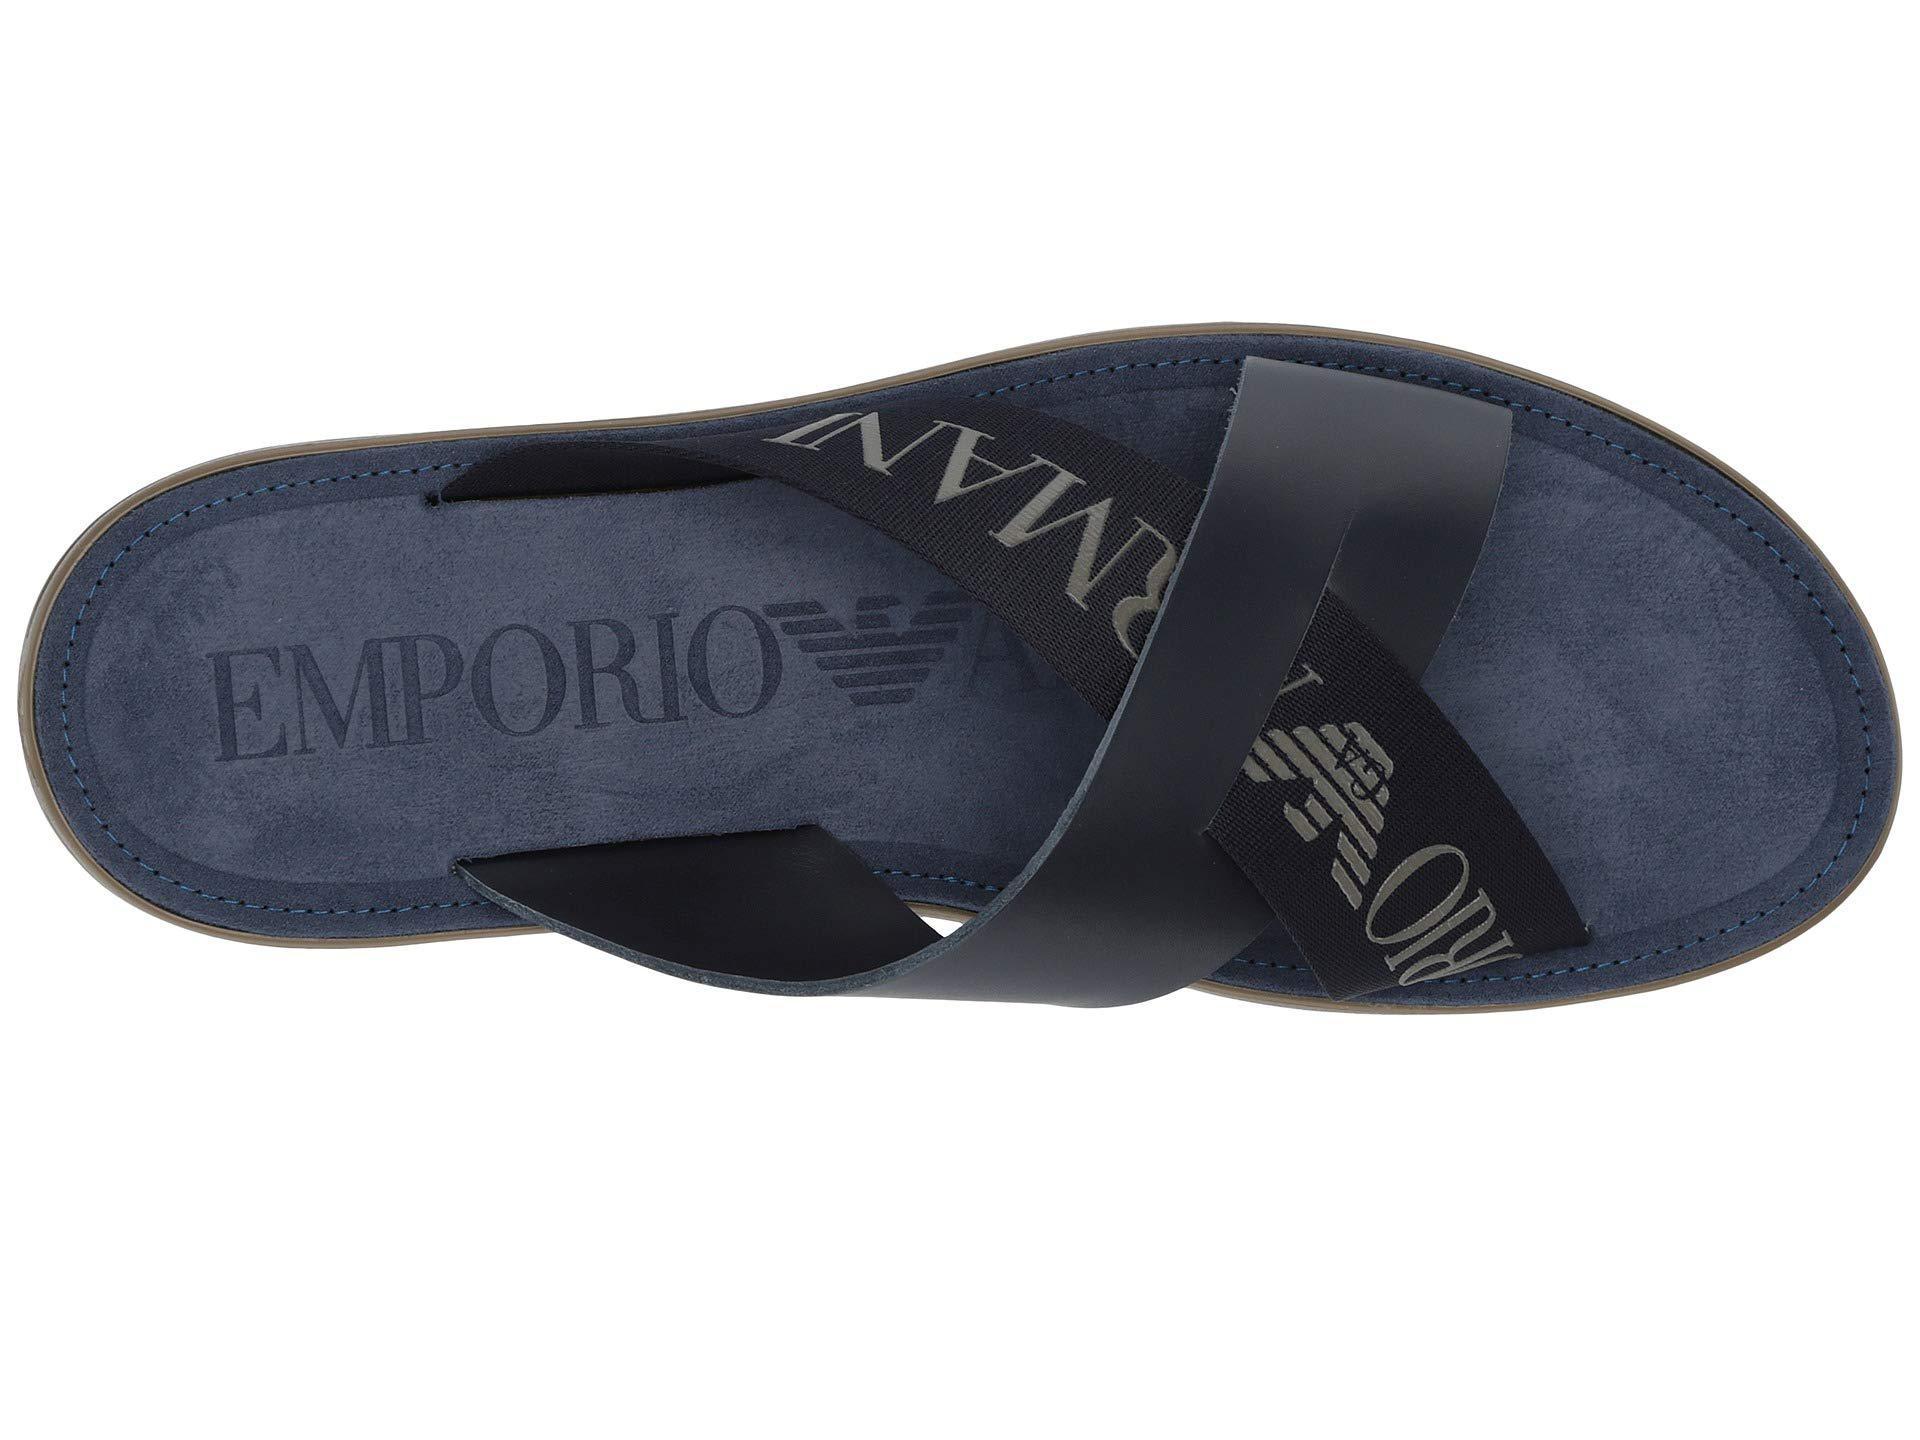 def12f3705e1e8 Emporio Armani - Black Dubai Sandal (night) Men s Sandals for Men - Lyst.  View fullscreen